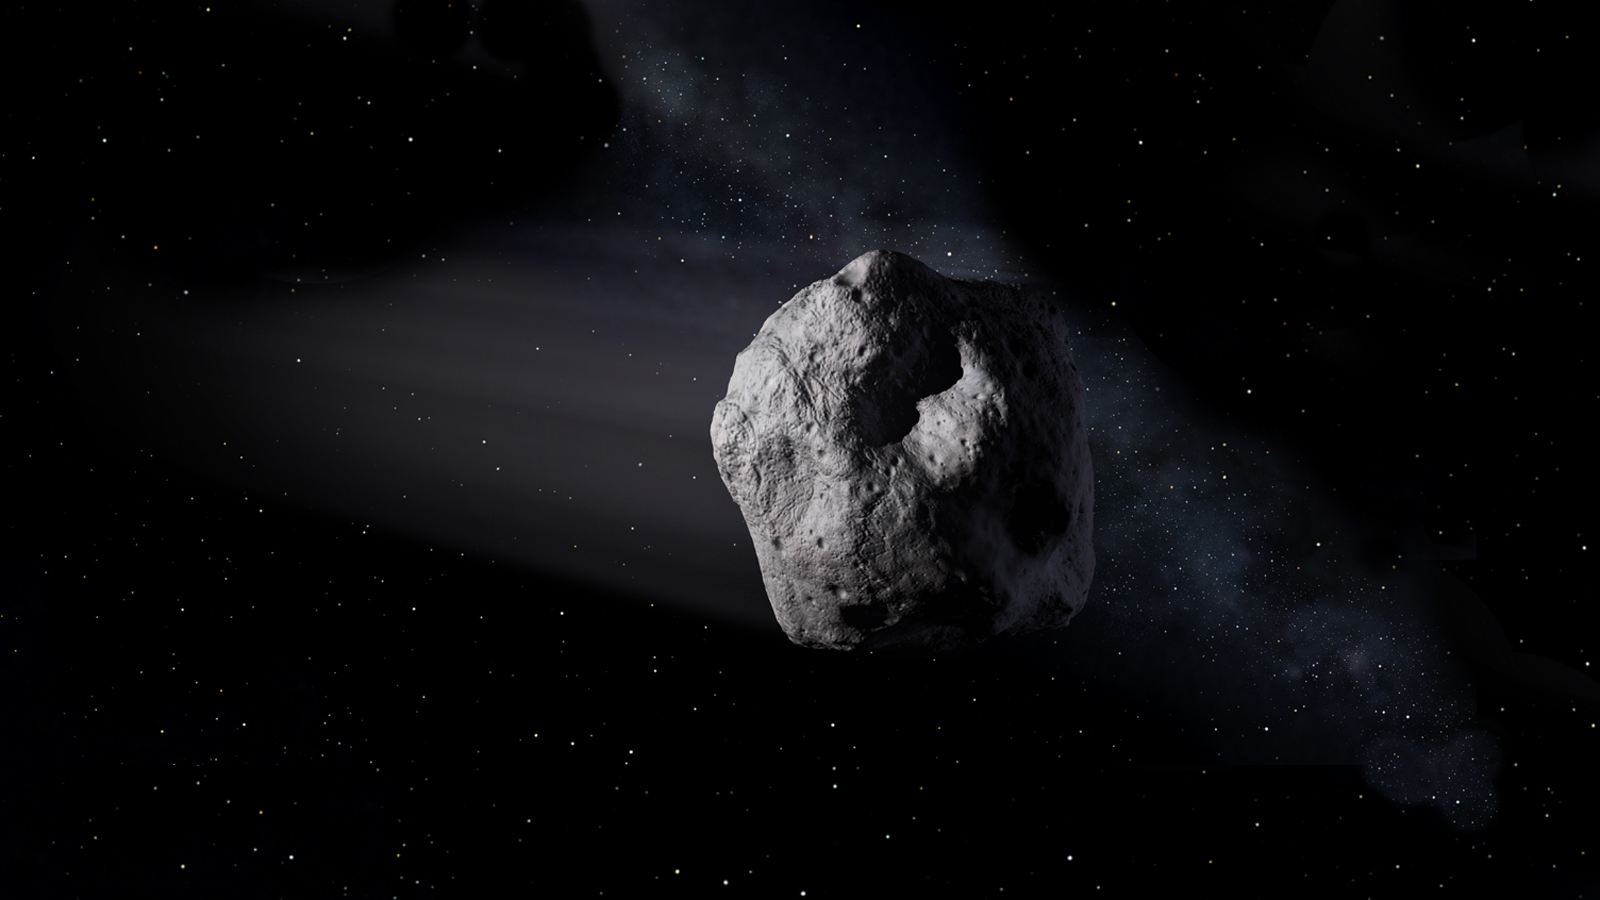 Le plus gros astéroïde depuis 1890 s'approche de la Terre